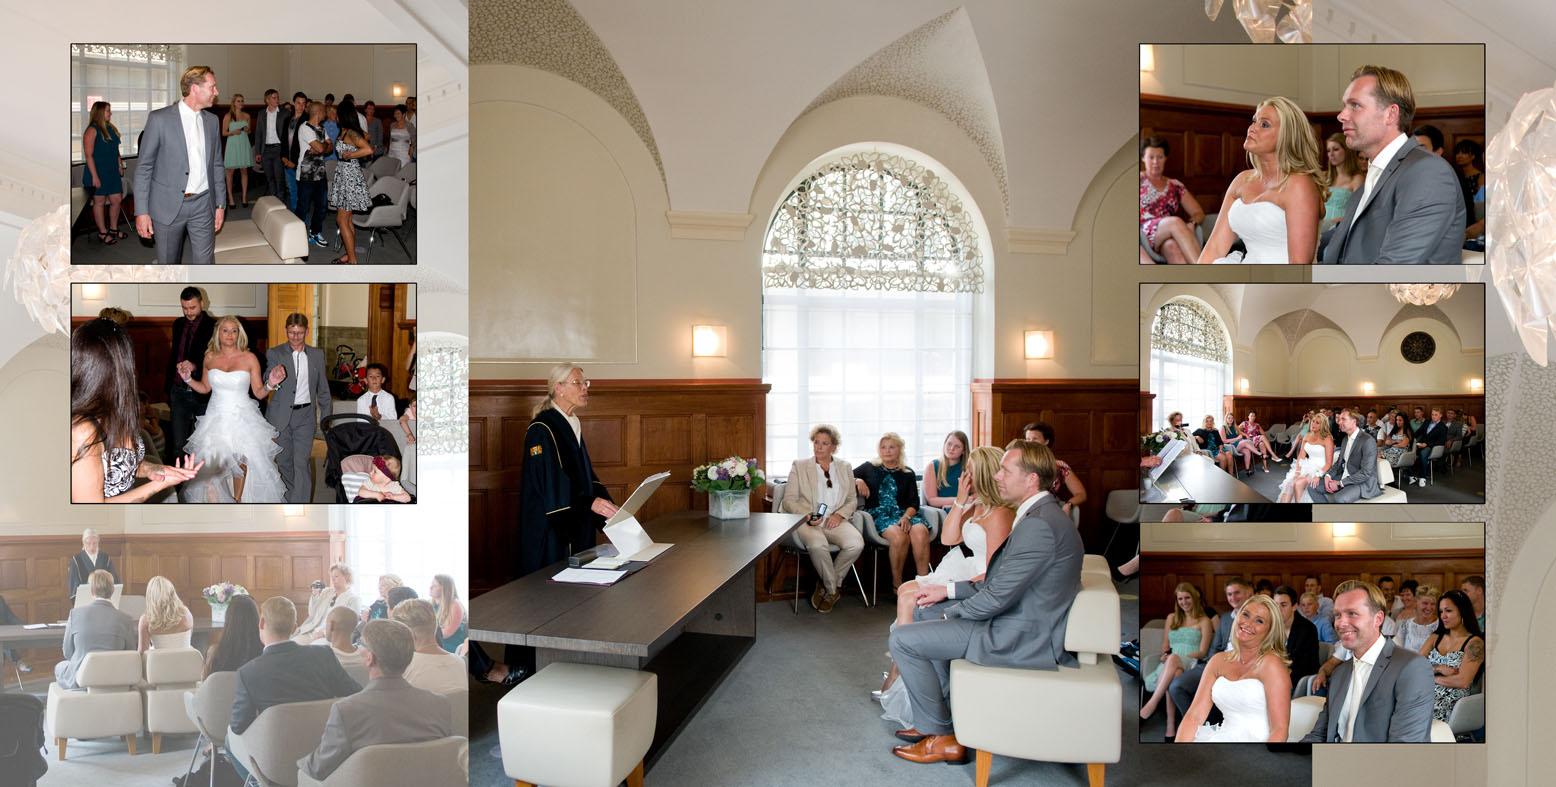 Niestadt-fotografie-Schoonhoven-trouw-fotos-Rotterdam-Esther-en-Patrick-trouwboek-pagina-7